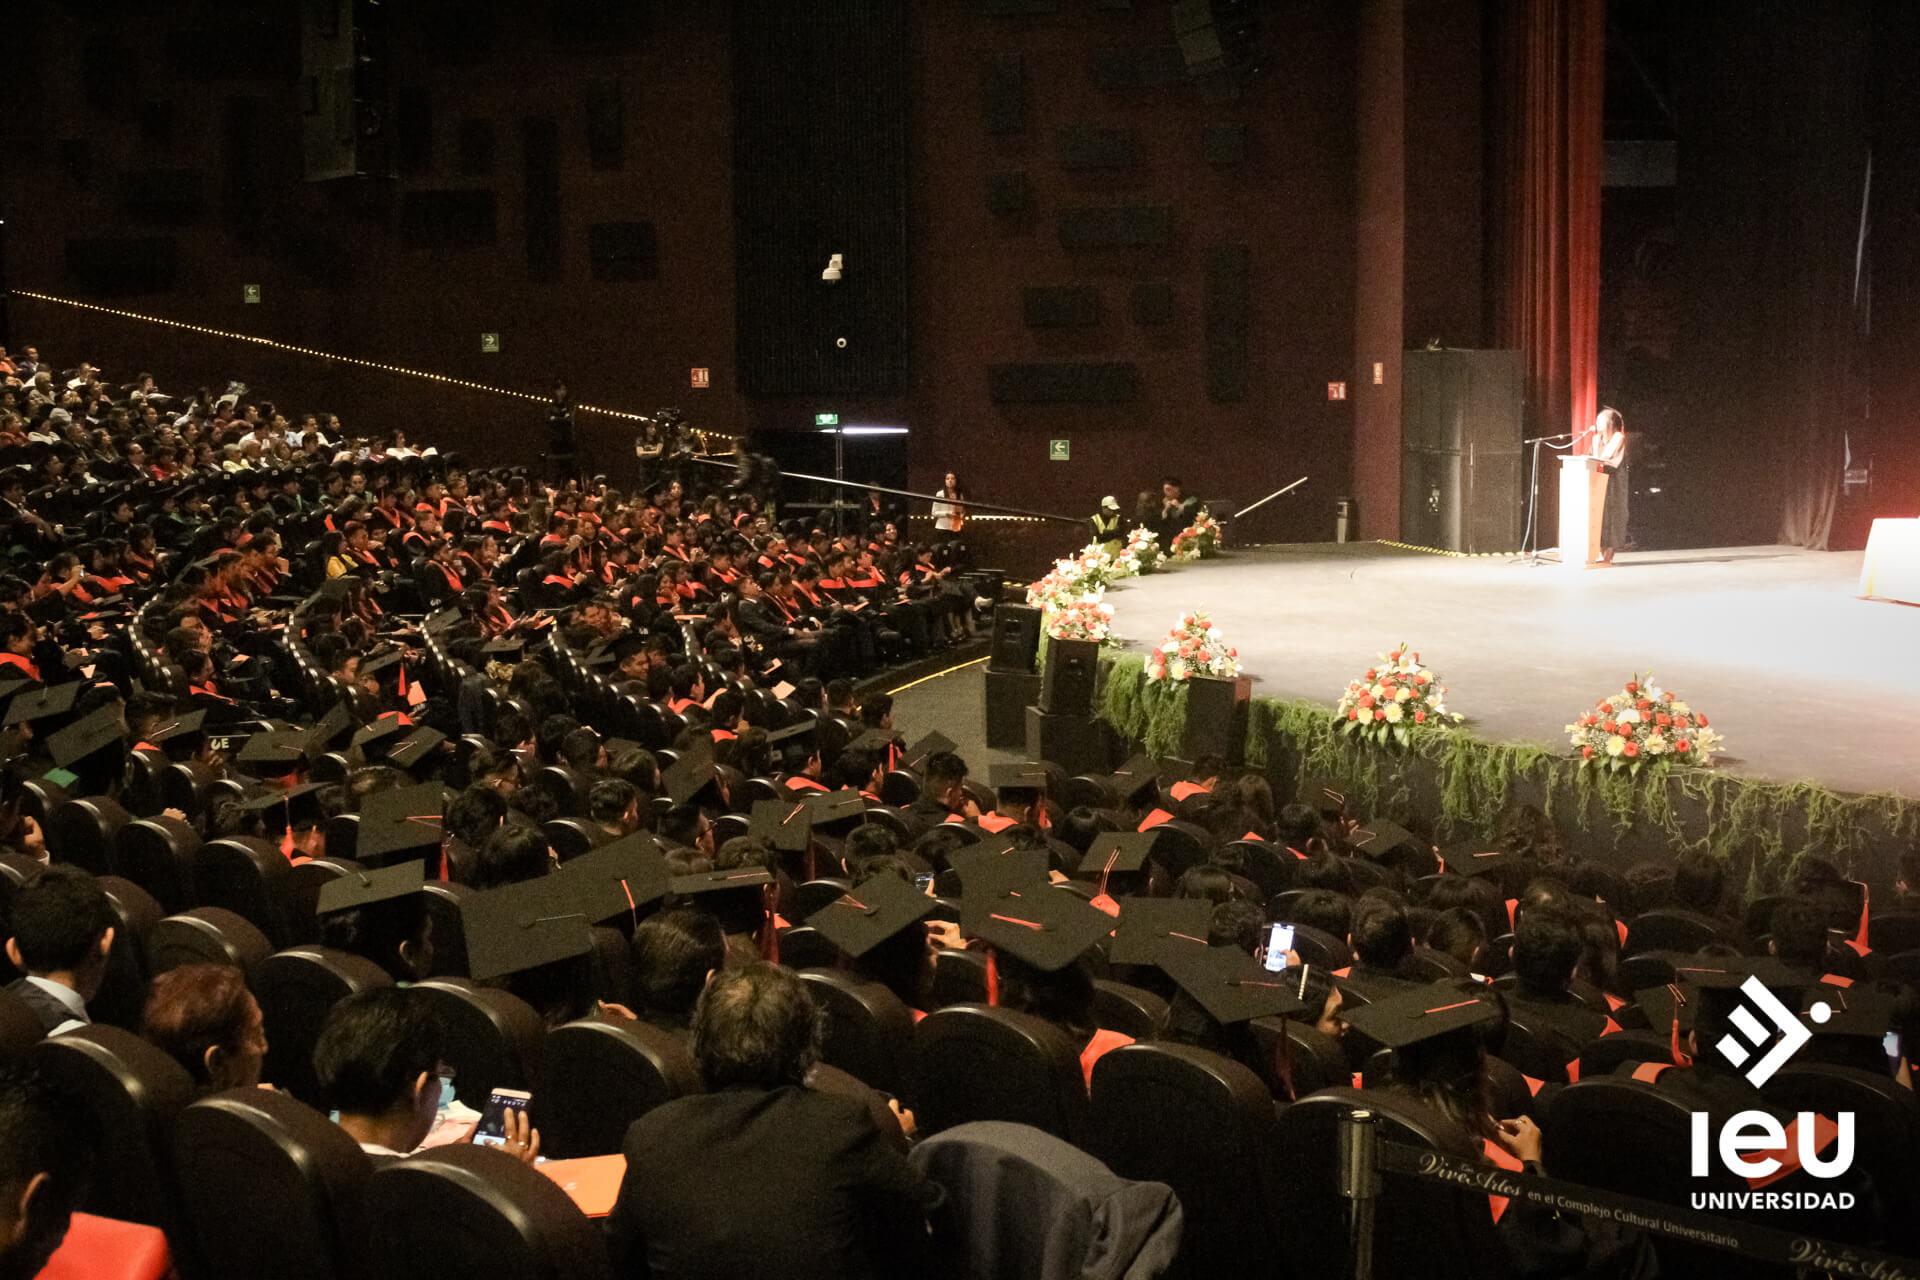 Universidad Ieu Graduacion 2019 14